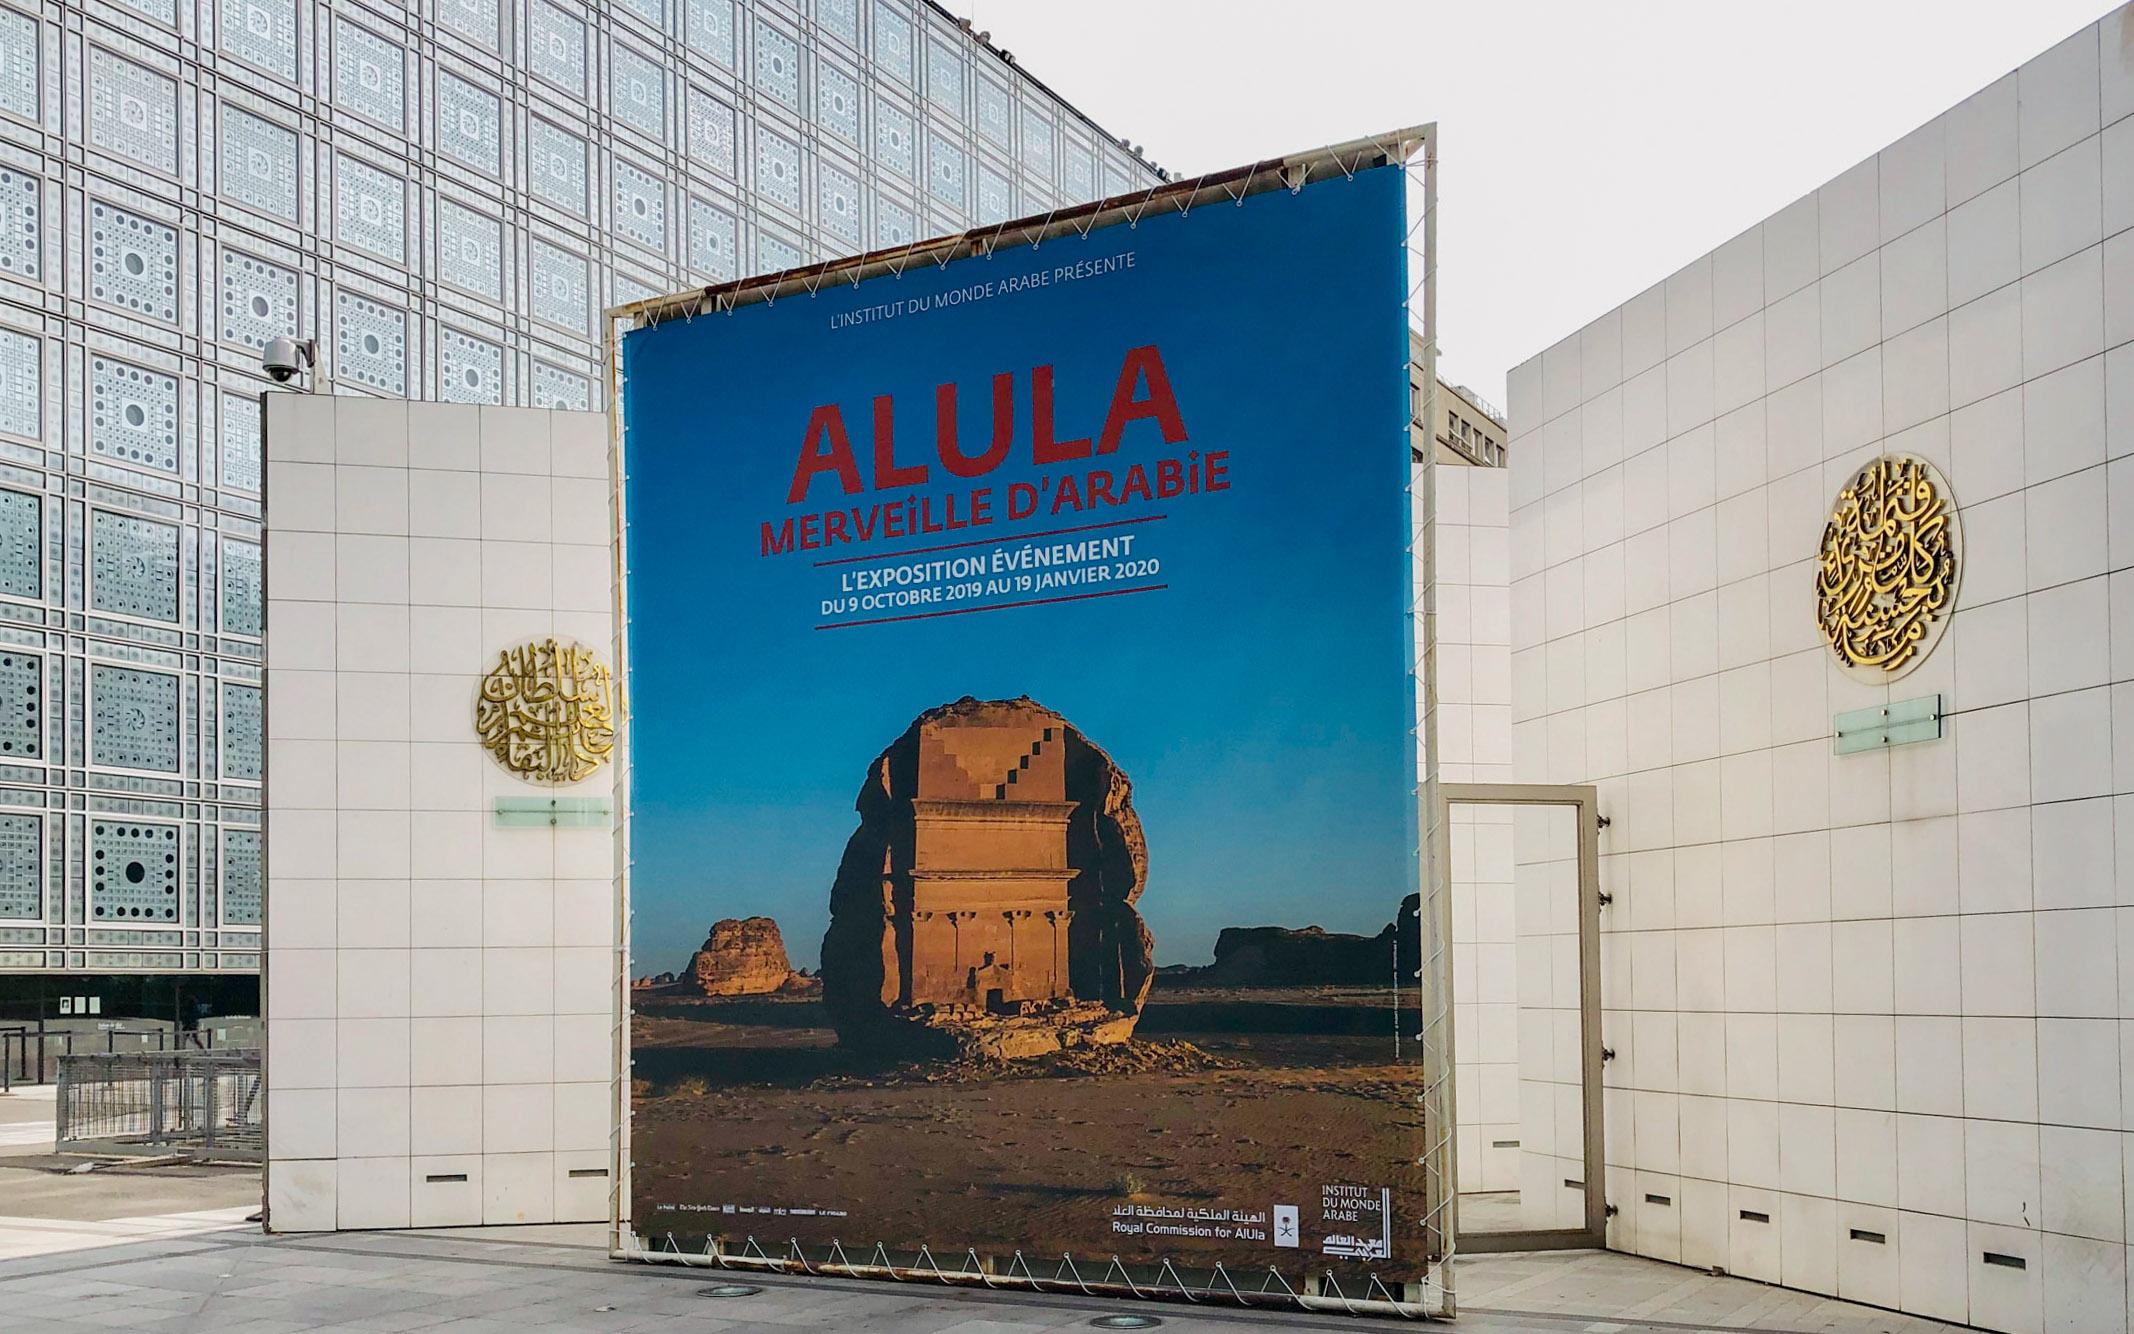 """Utilisation d'une photographie réalisée à Hégra pour illustrer l'affiche annonçant l'exposition """"Alula, merveille d'Arabie"""" devant l'Institut du Monde d'Arabie."""